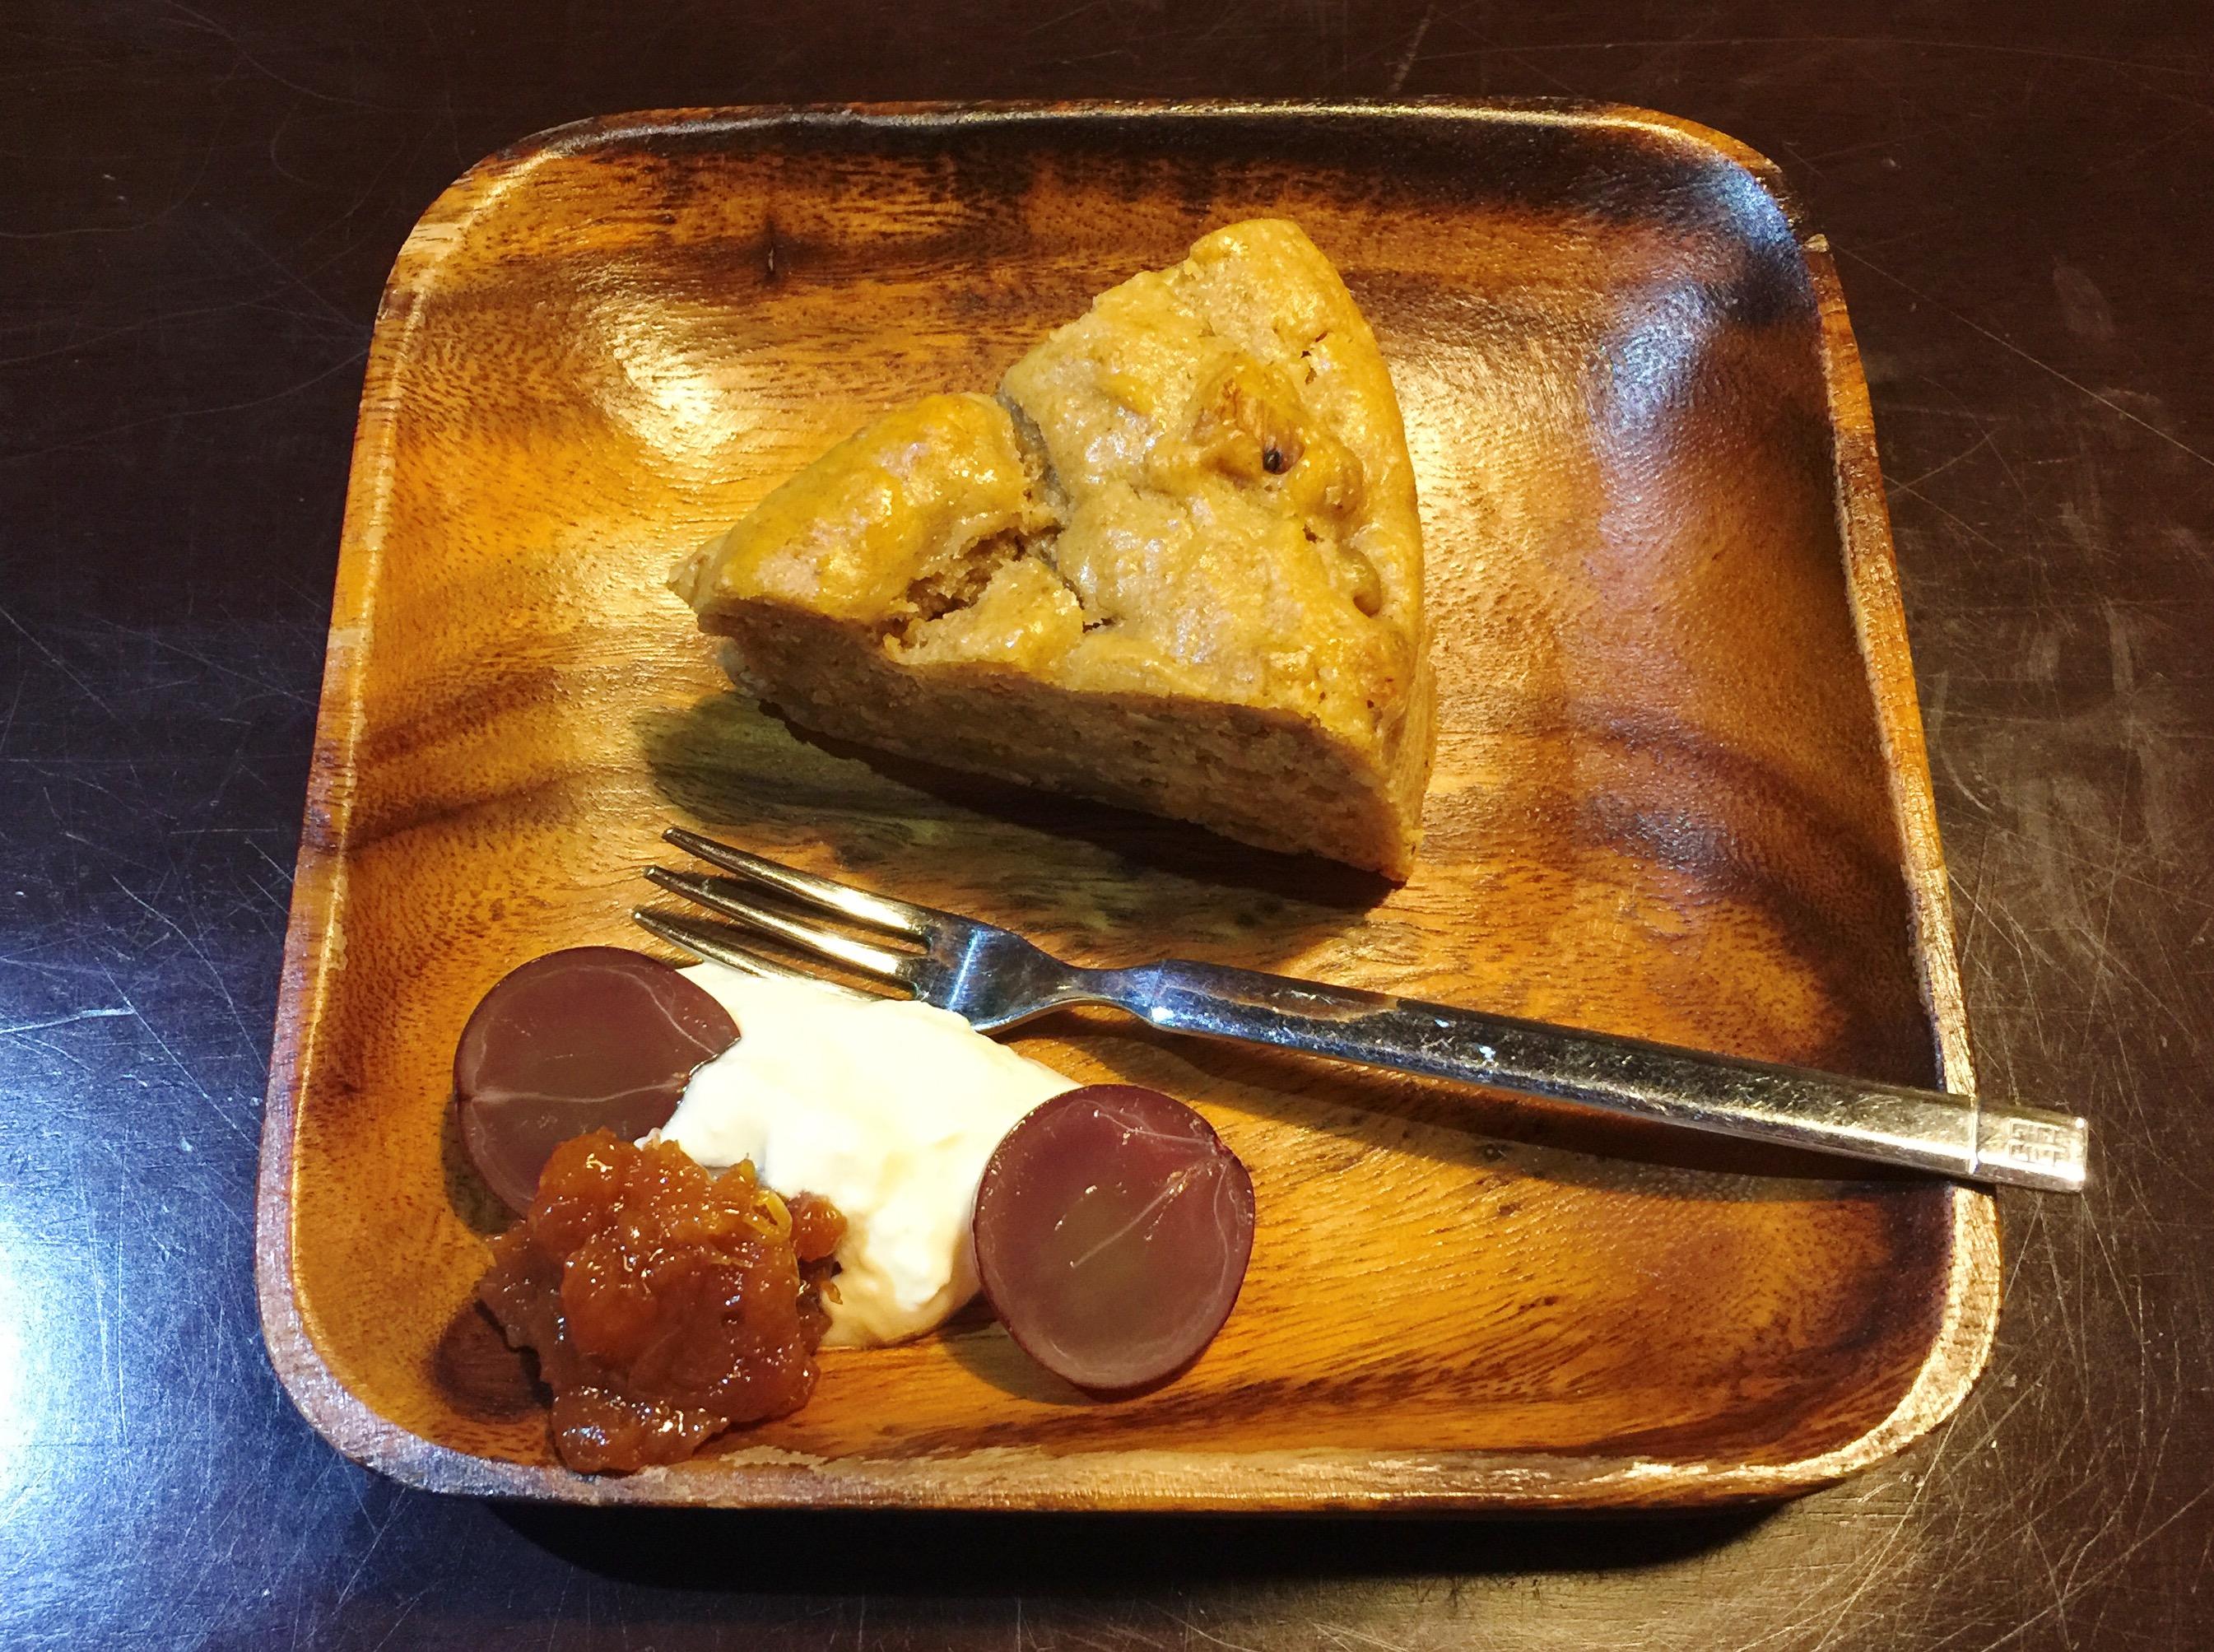 本日のケーキ500円:イチジクとバナナのケーキ